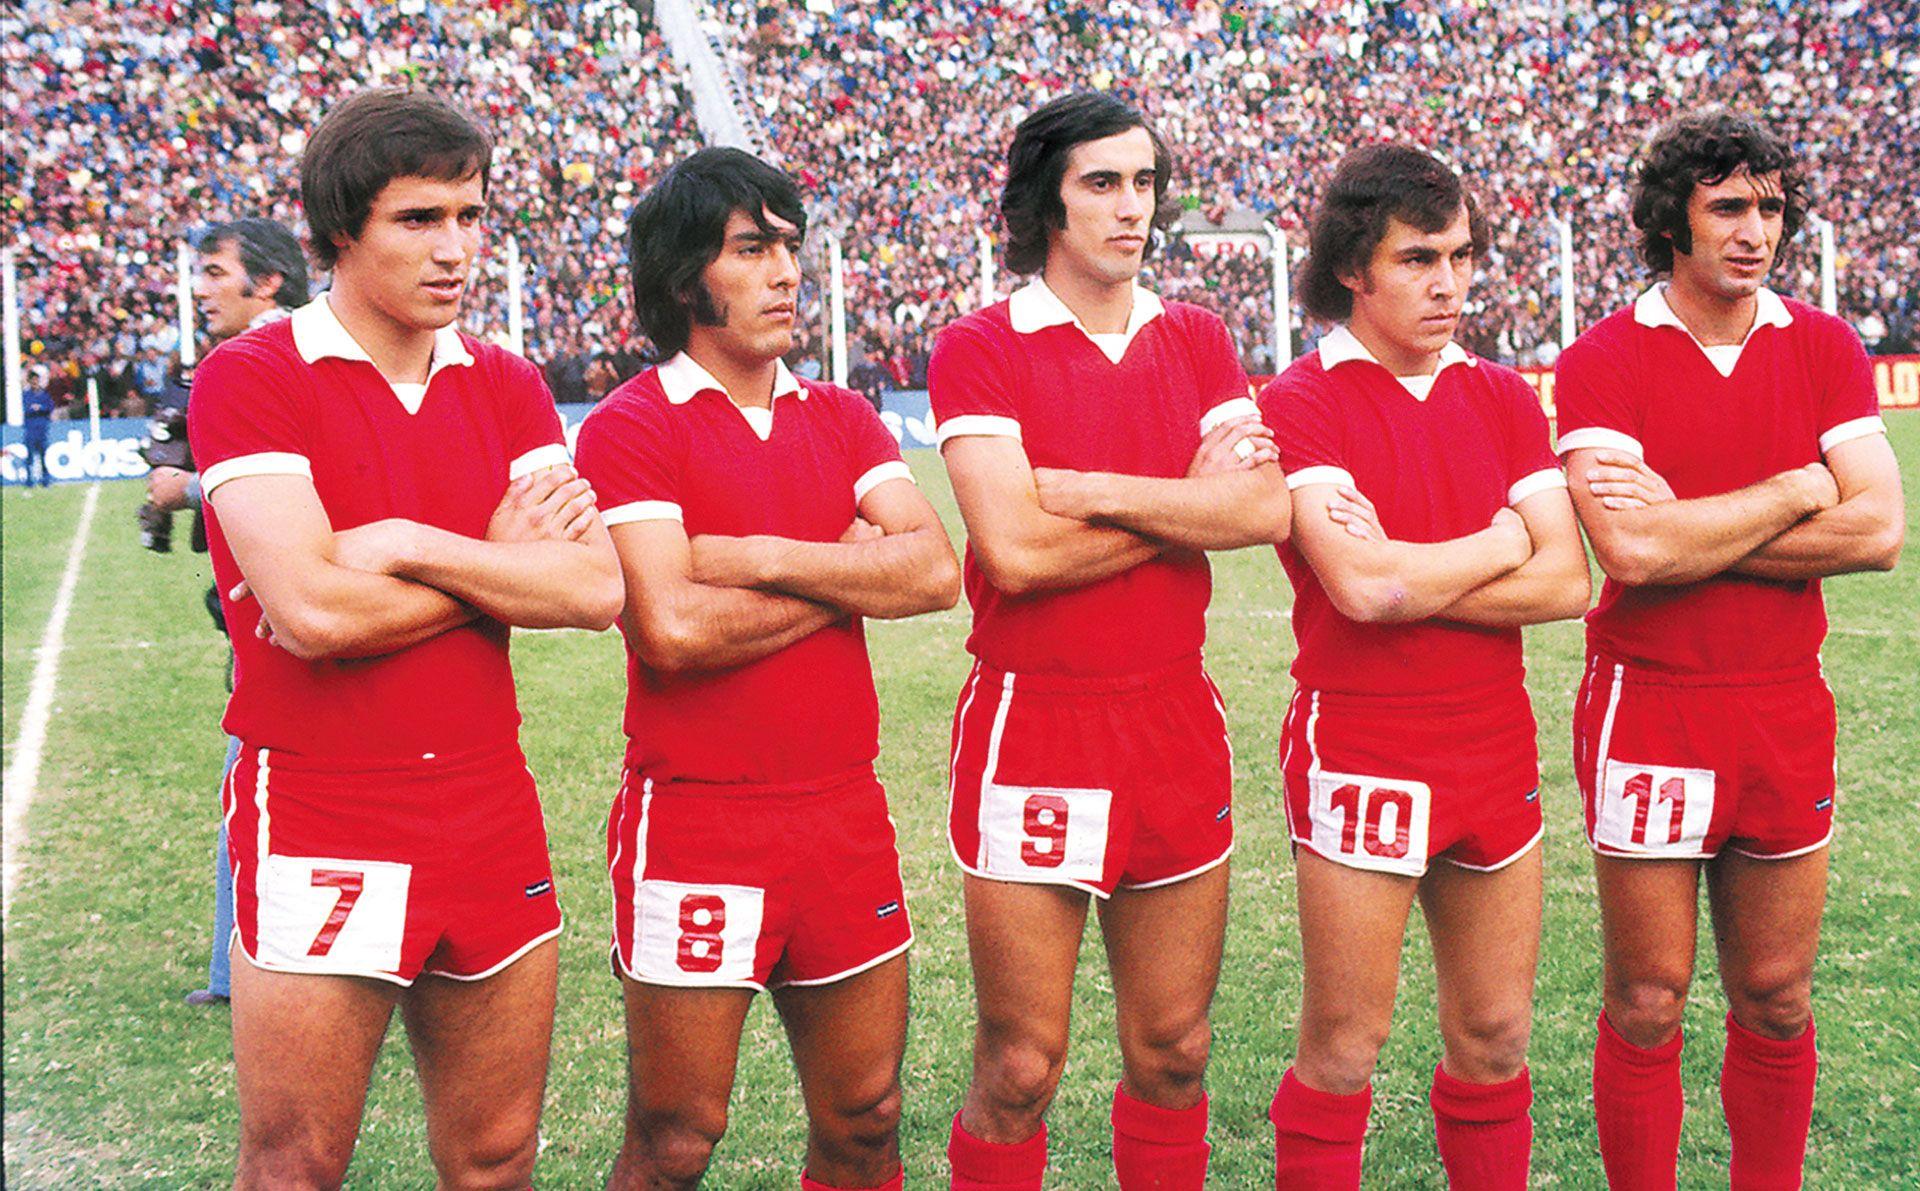 La Gran Delantera De Los Diablos Rojos Del 1975 Con Daniel Bertoni Ruben Galvan Ricardo Ruiz Moreno Ricardo Boch Futbol Argentino Futbol Leyendas De Futbol